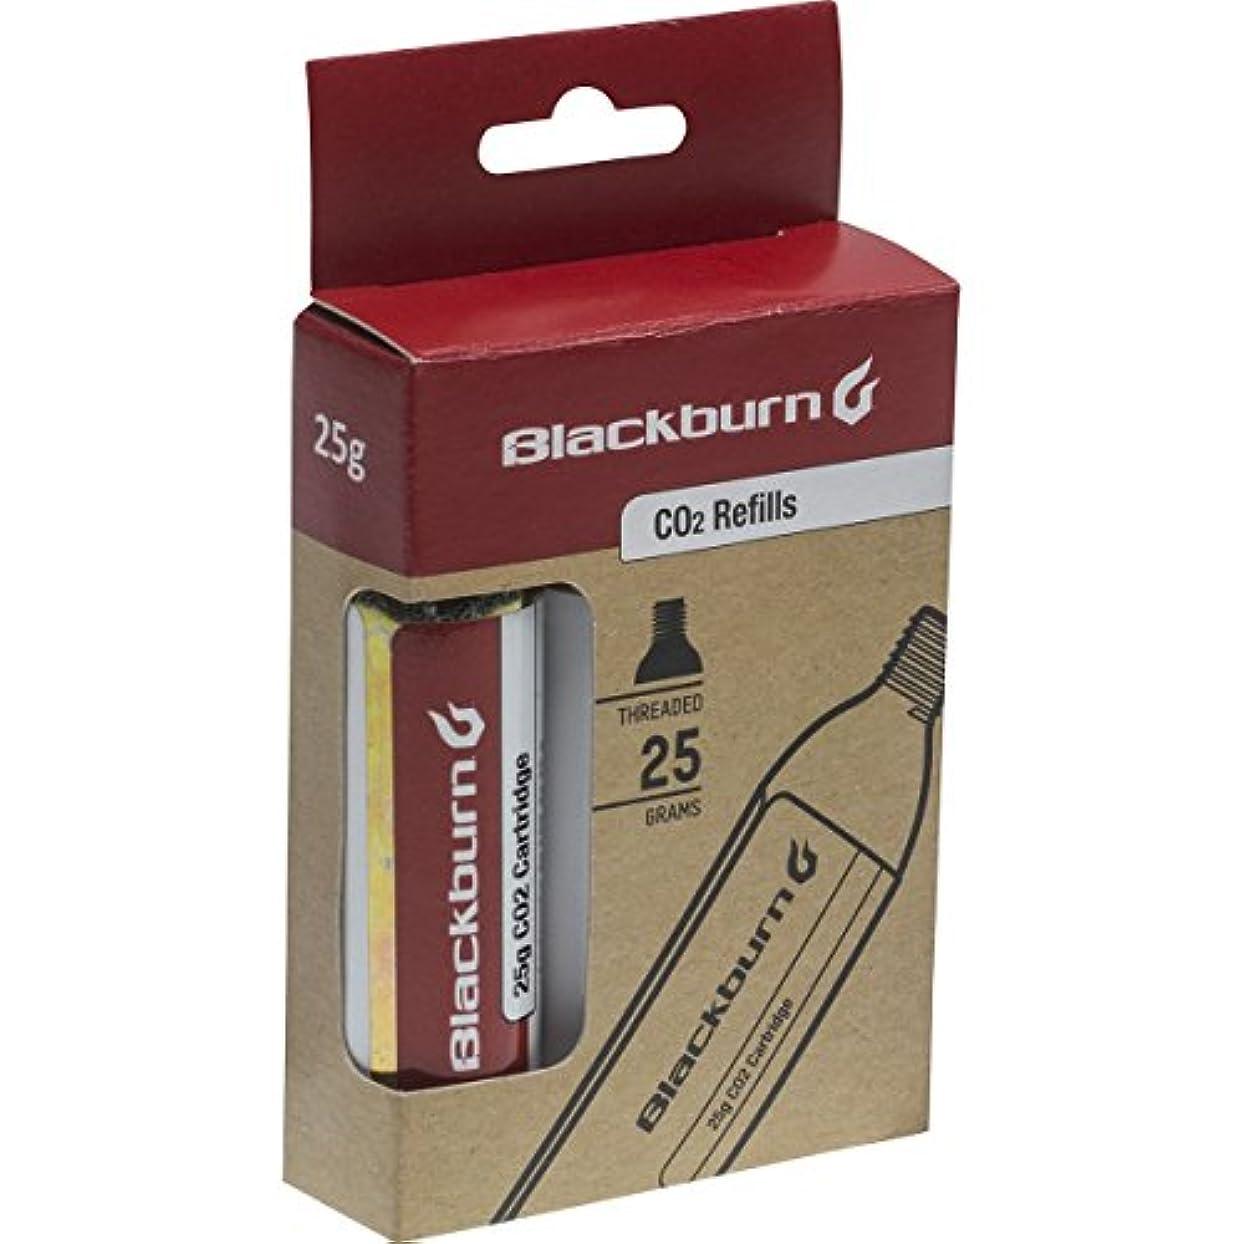 信条担当者焦がすブラックバーンco2 – 3 - Pack